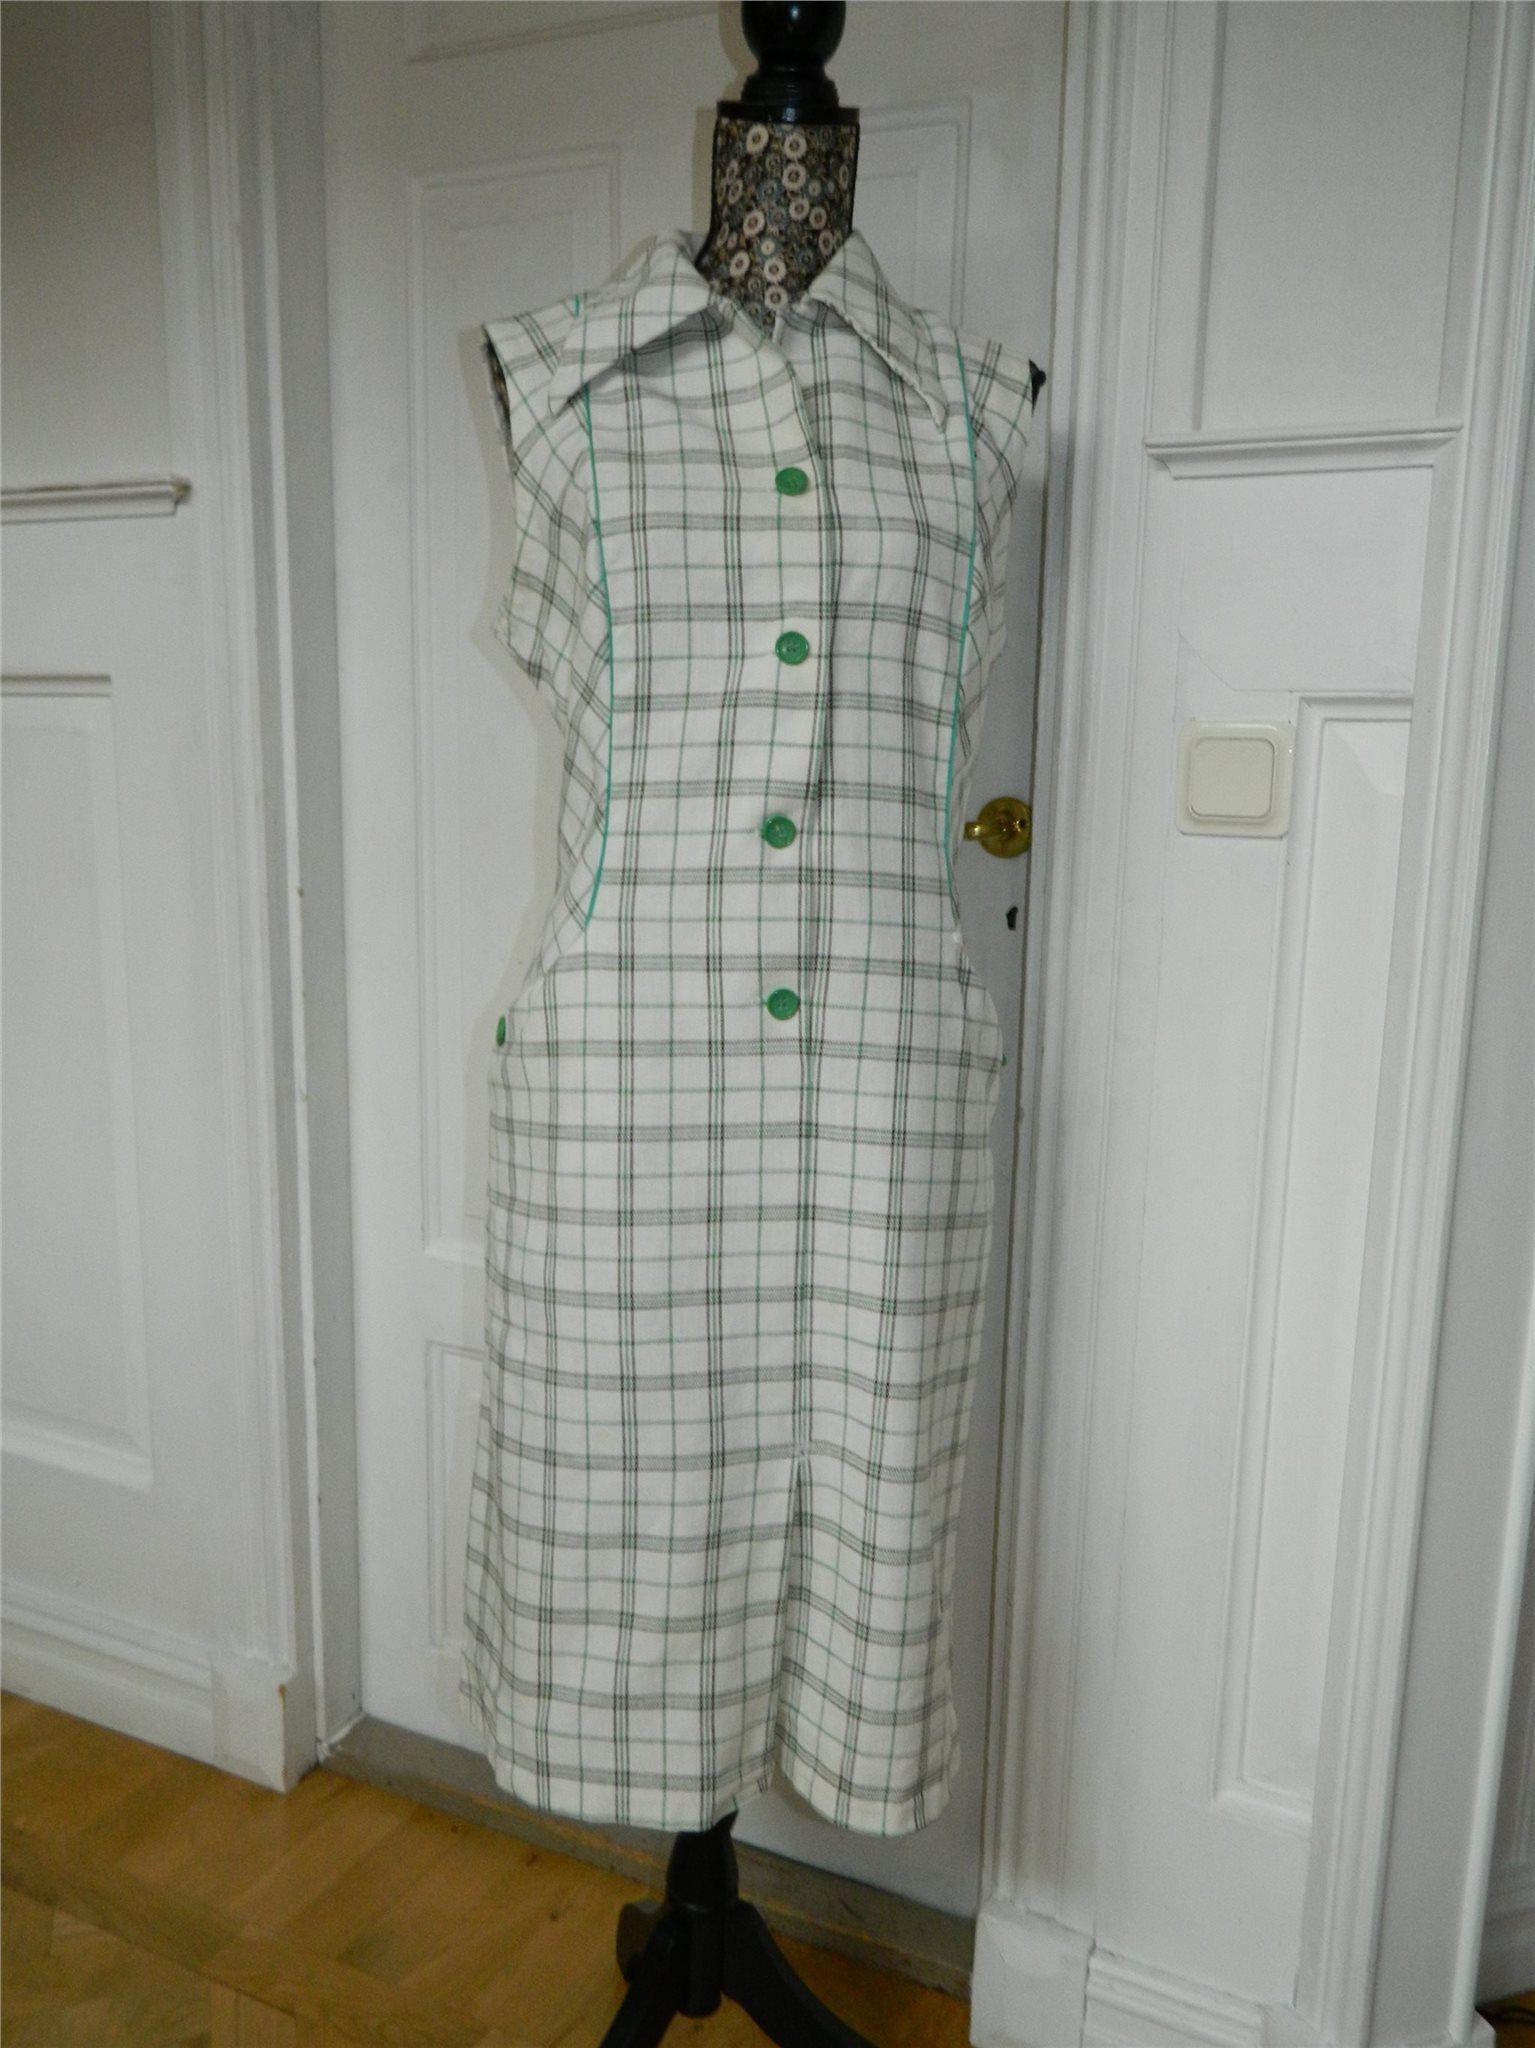 097bc4c69716 Härlig vintage klänning från Barker Textiles Finland 60-talet / 70-talet